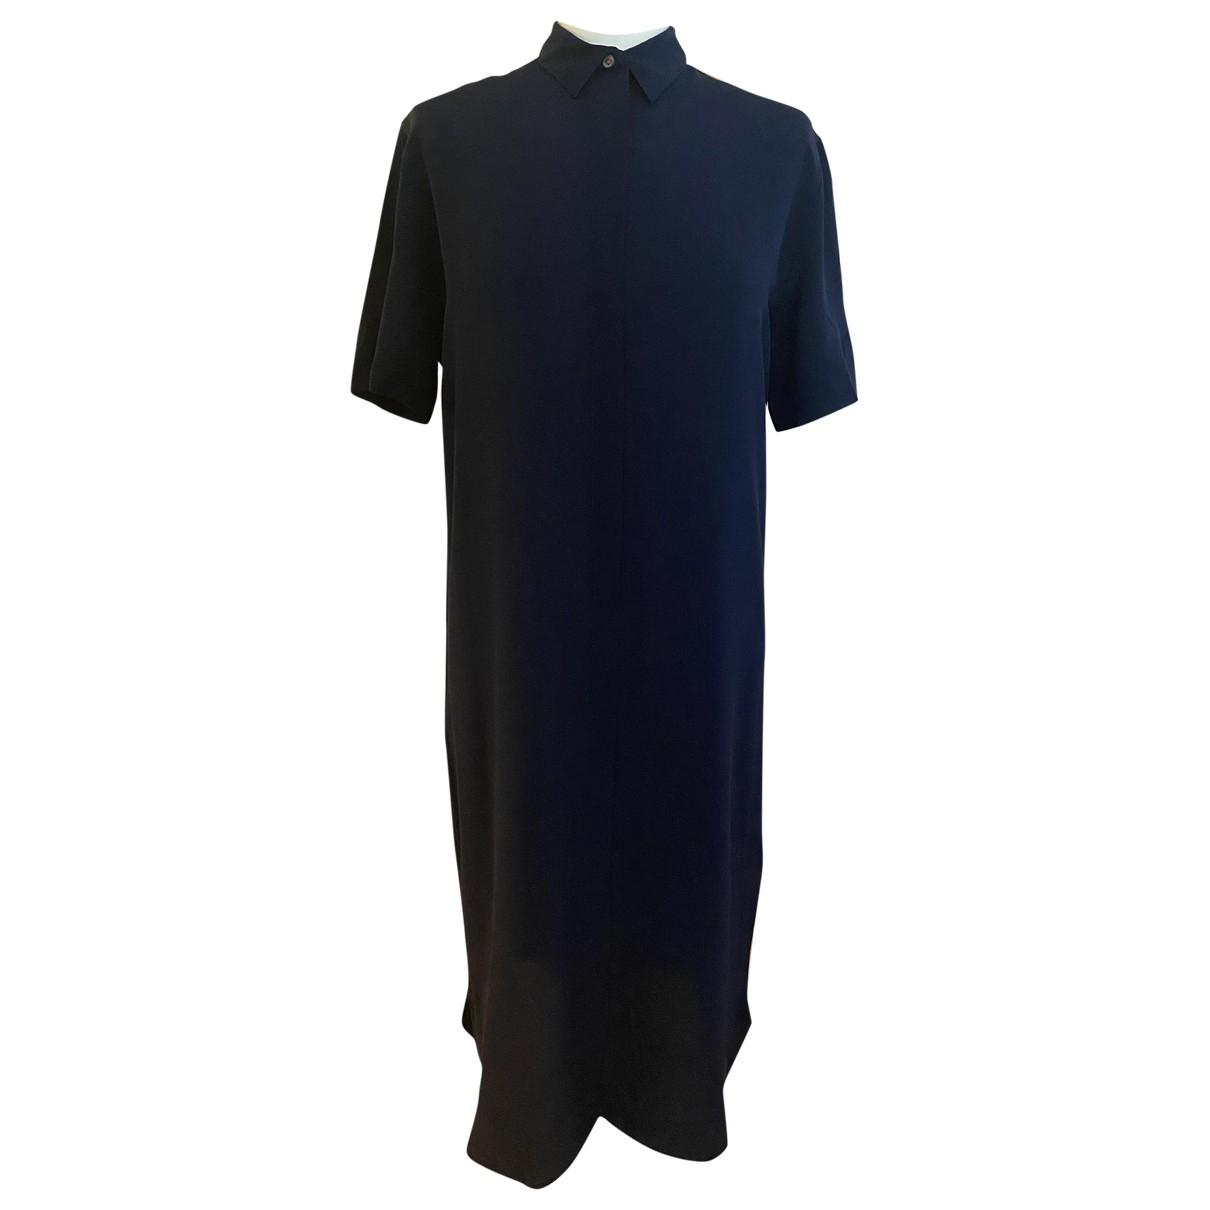 Paul Smith \N Navy Silk dress for Women 42 IT